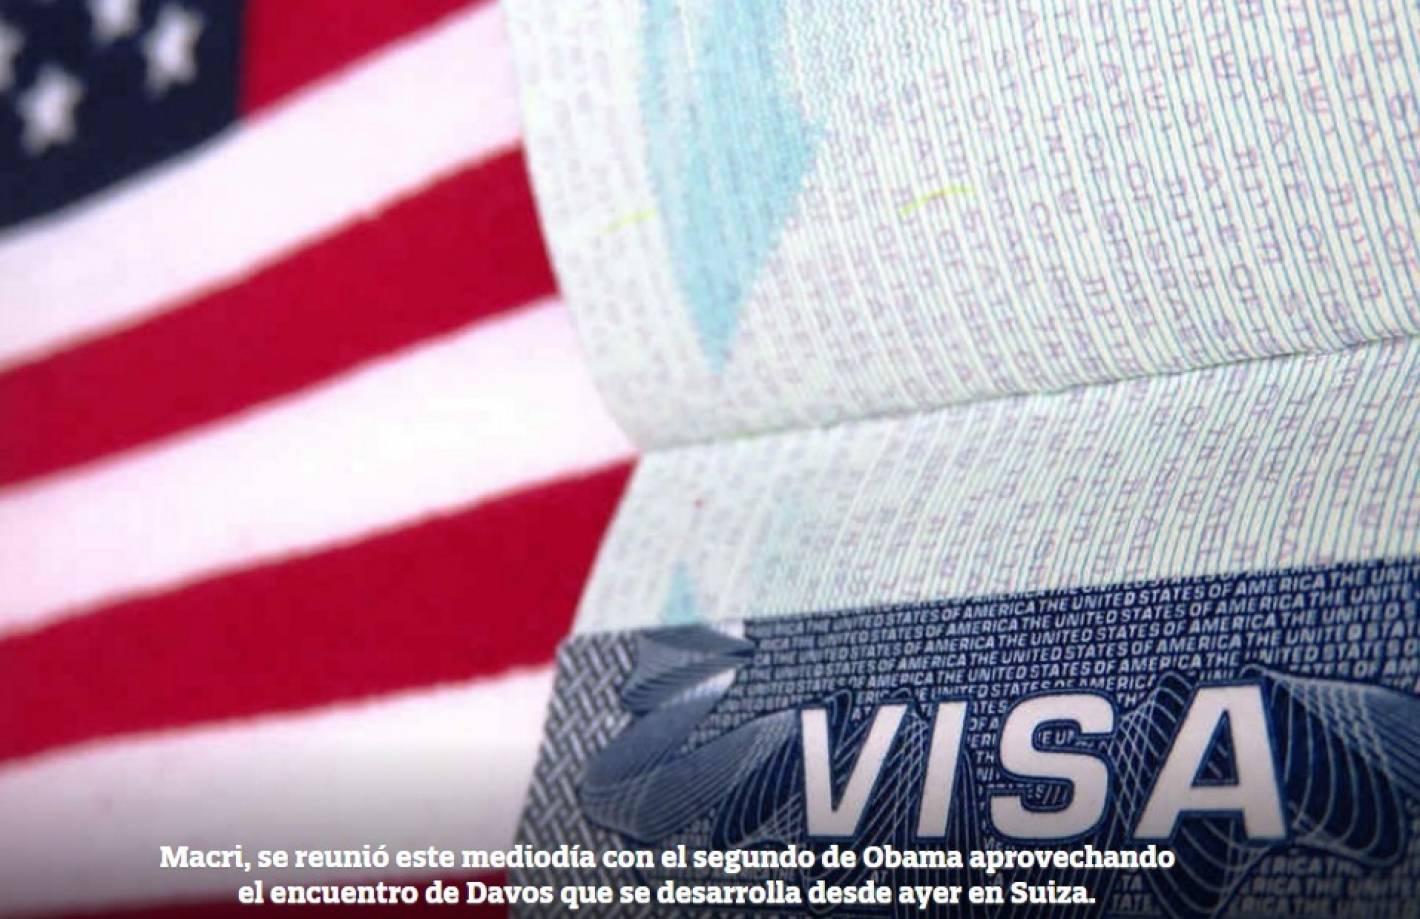 Cómo obtener la Visa turista para viajar a EEUU - Mendoza Post